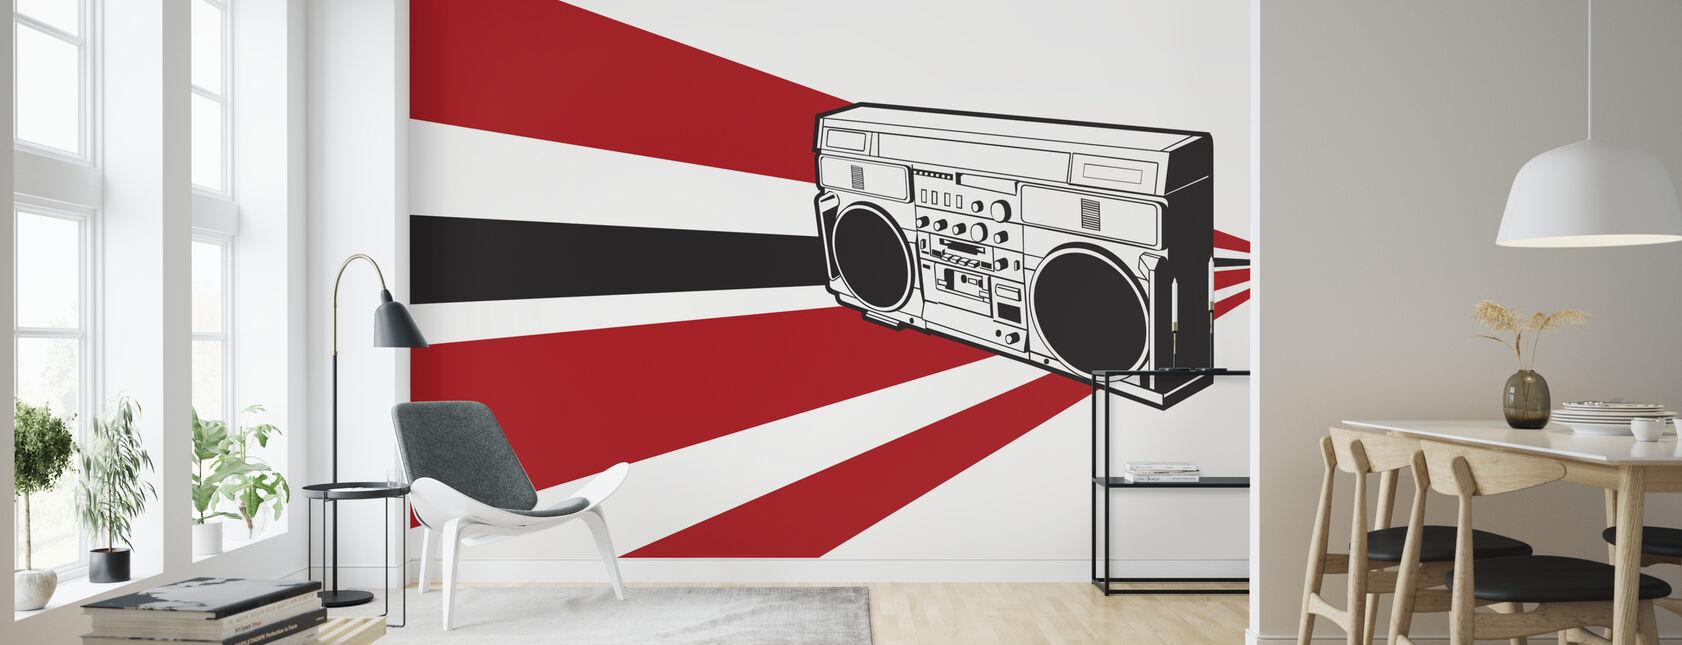 Stereo - Wallpaper - Living Room